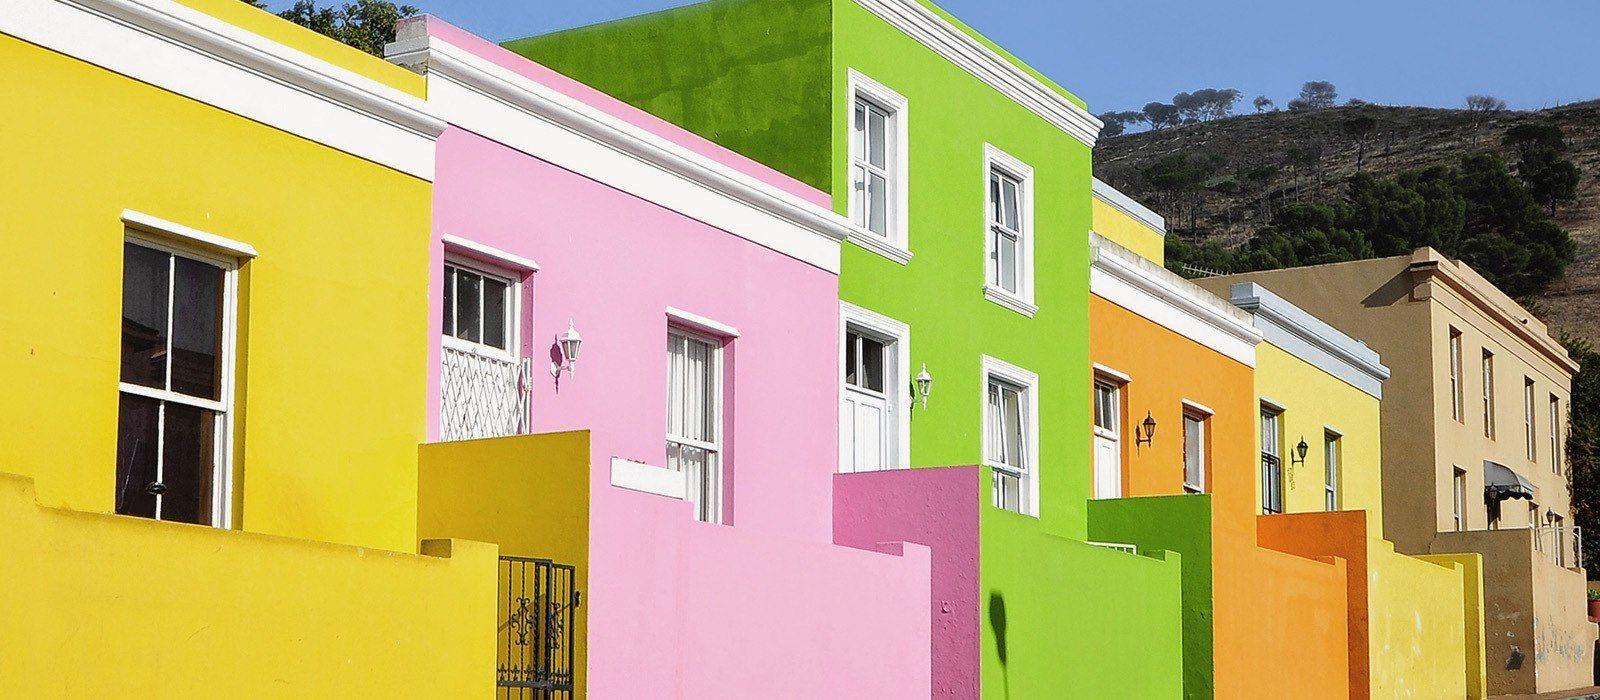 Kapstadt, die Big Five und Strandparadies Urlaub 2